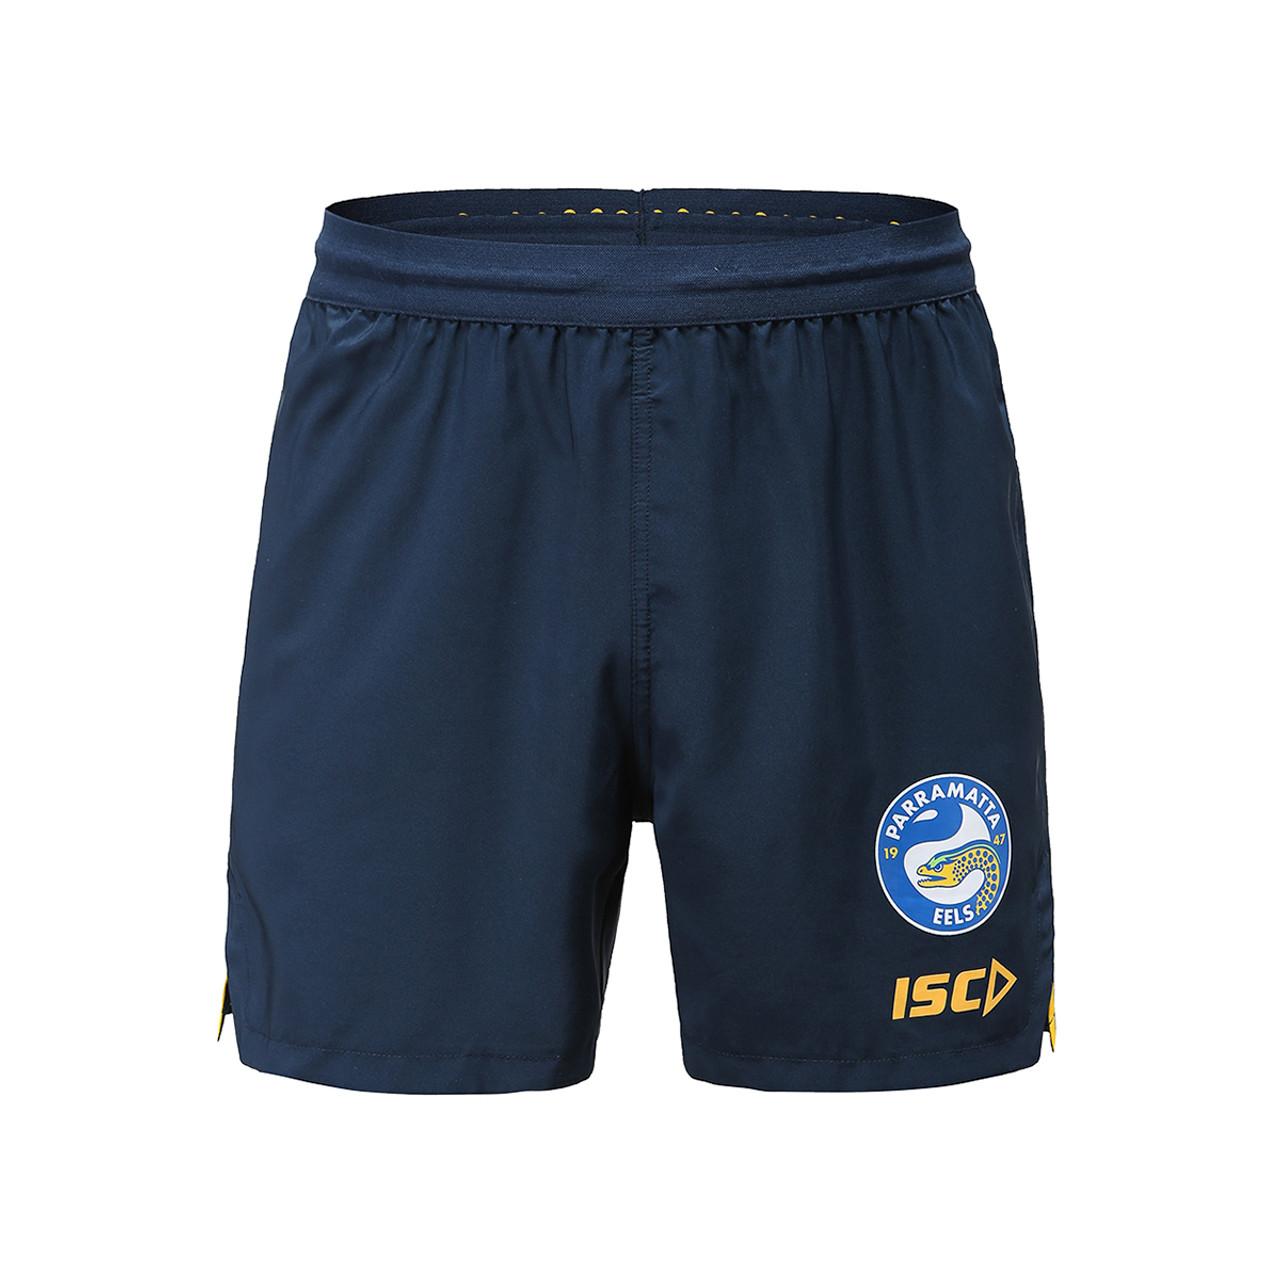 Parramatta Eels 2020 Mens Training Shorts Isc